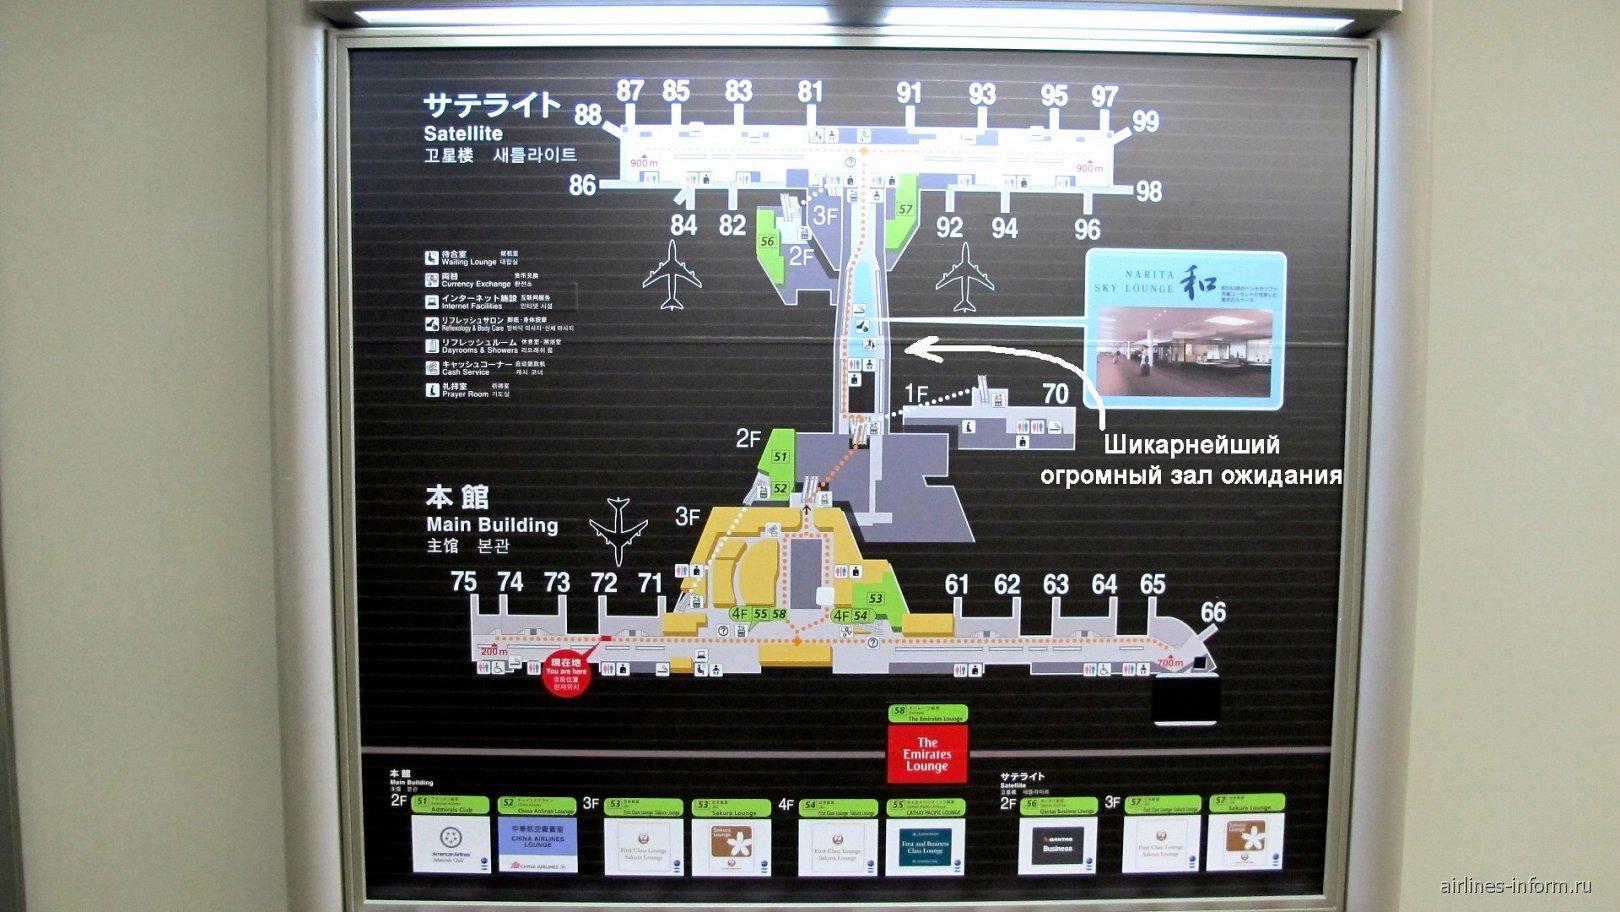 Схема терминала 2 аэропорта Токио Нарита